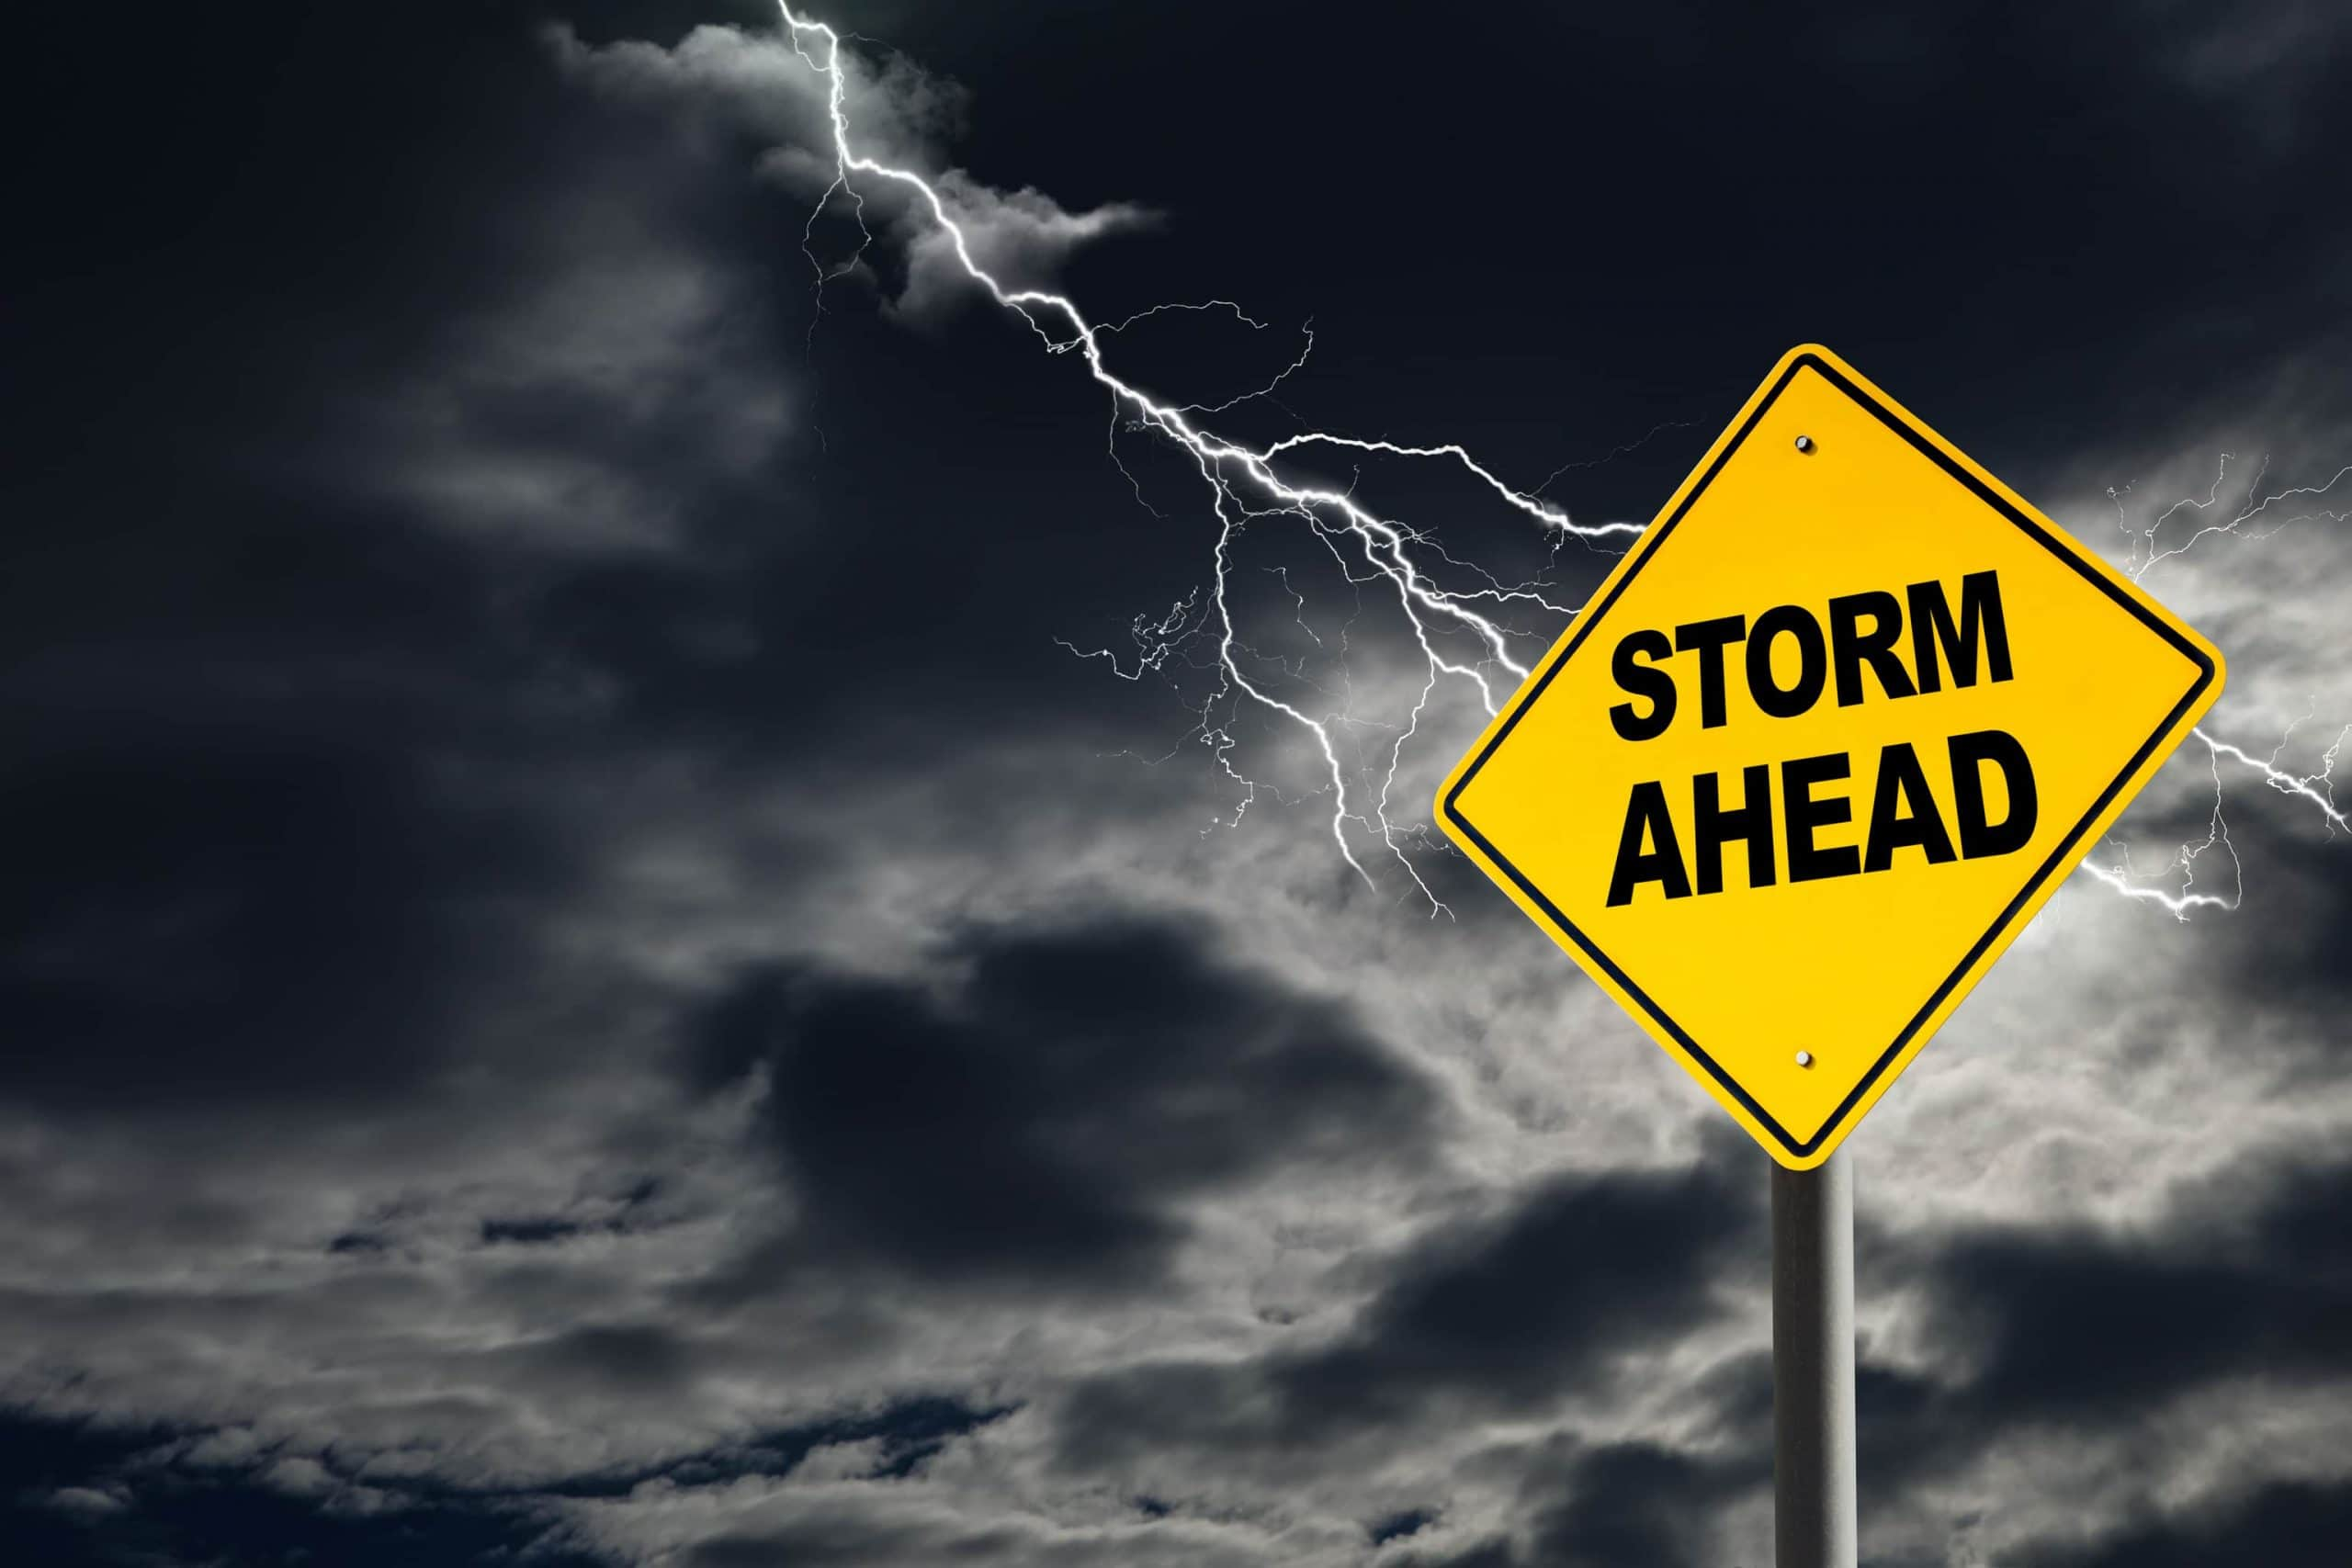 Ein Sturm zieht auf: Storm ahead Schild